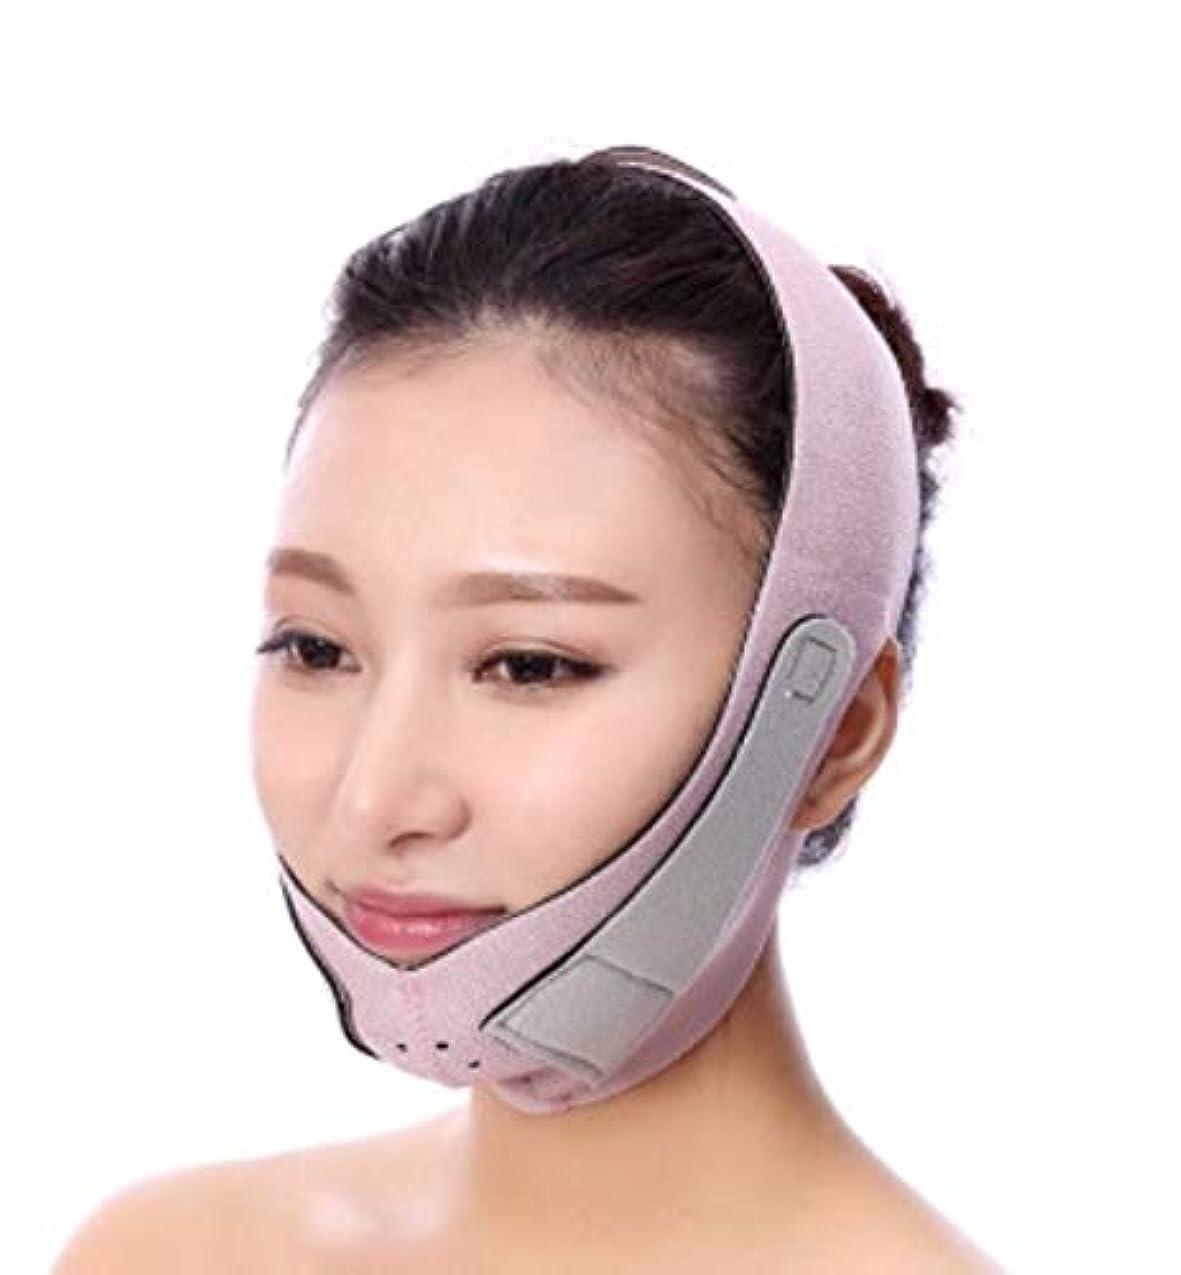 過激派熱狂的な時々時々Trust Contact リフトアップベルト 小顔マスク 矯正 小顔 リフトアップ フェイス 顔痩せ マスク